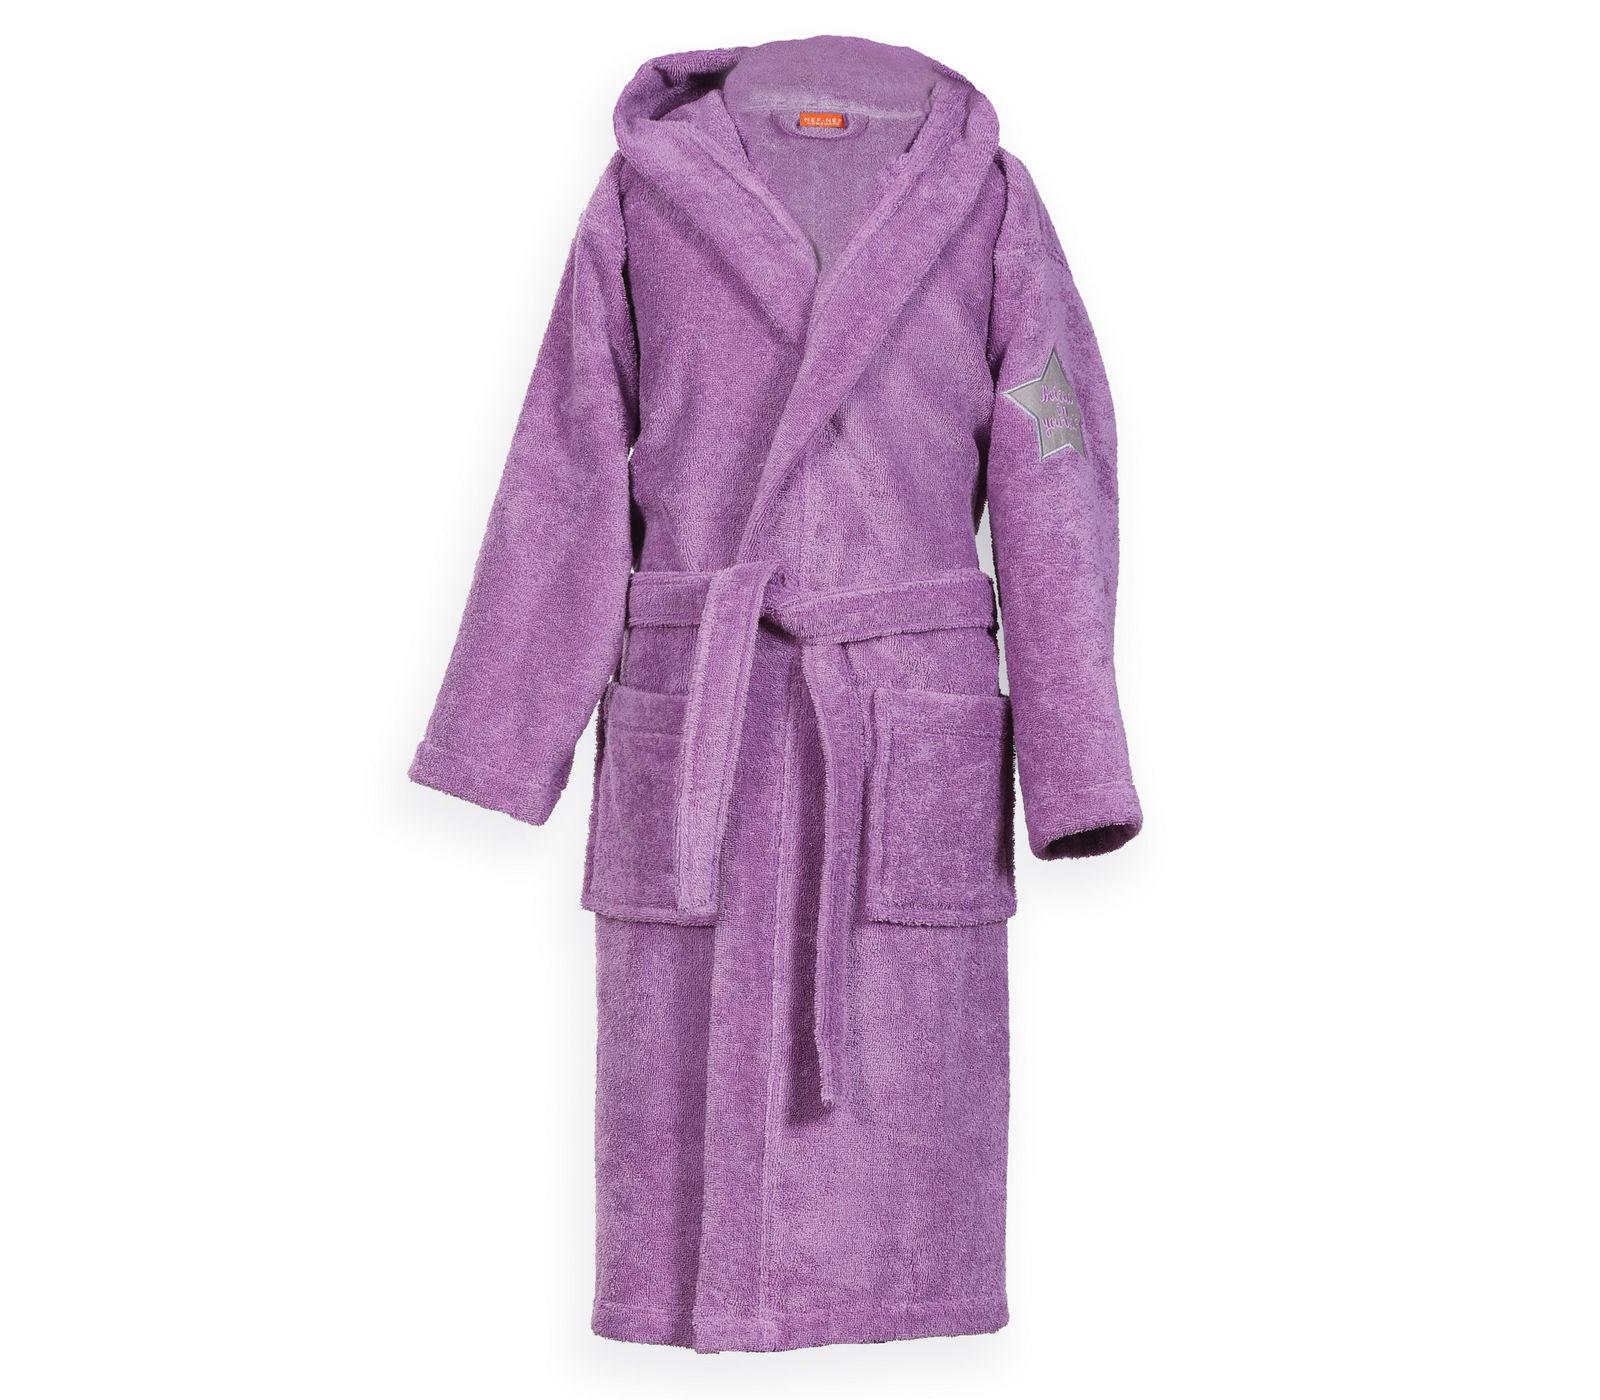 Μπουρνούζι Παιδικό με Κουκούλα NEF NEF JUNIOR KIDS-18 1021-Purple 14